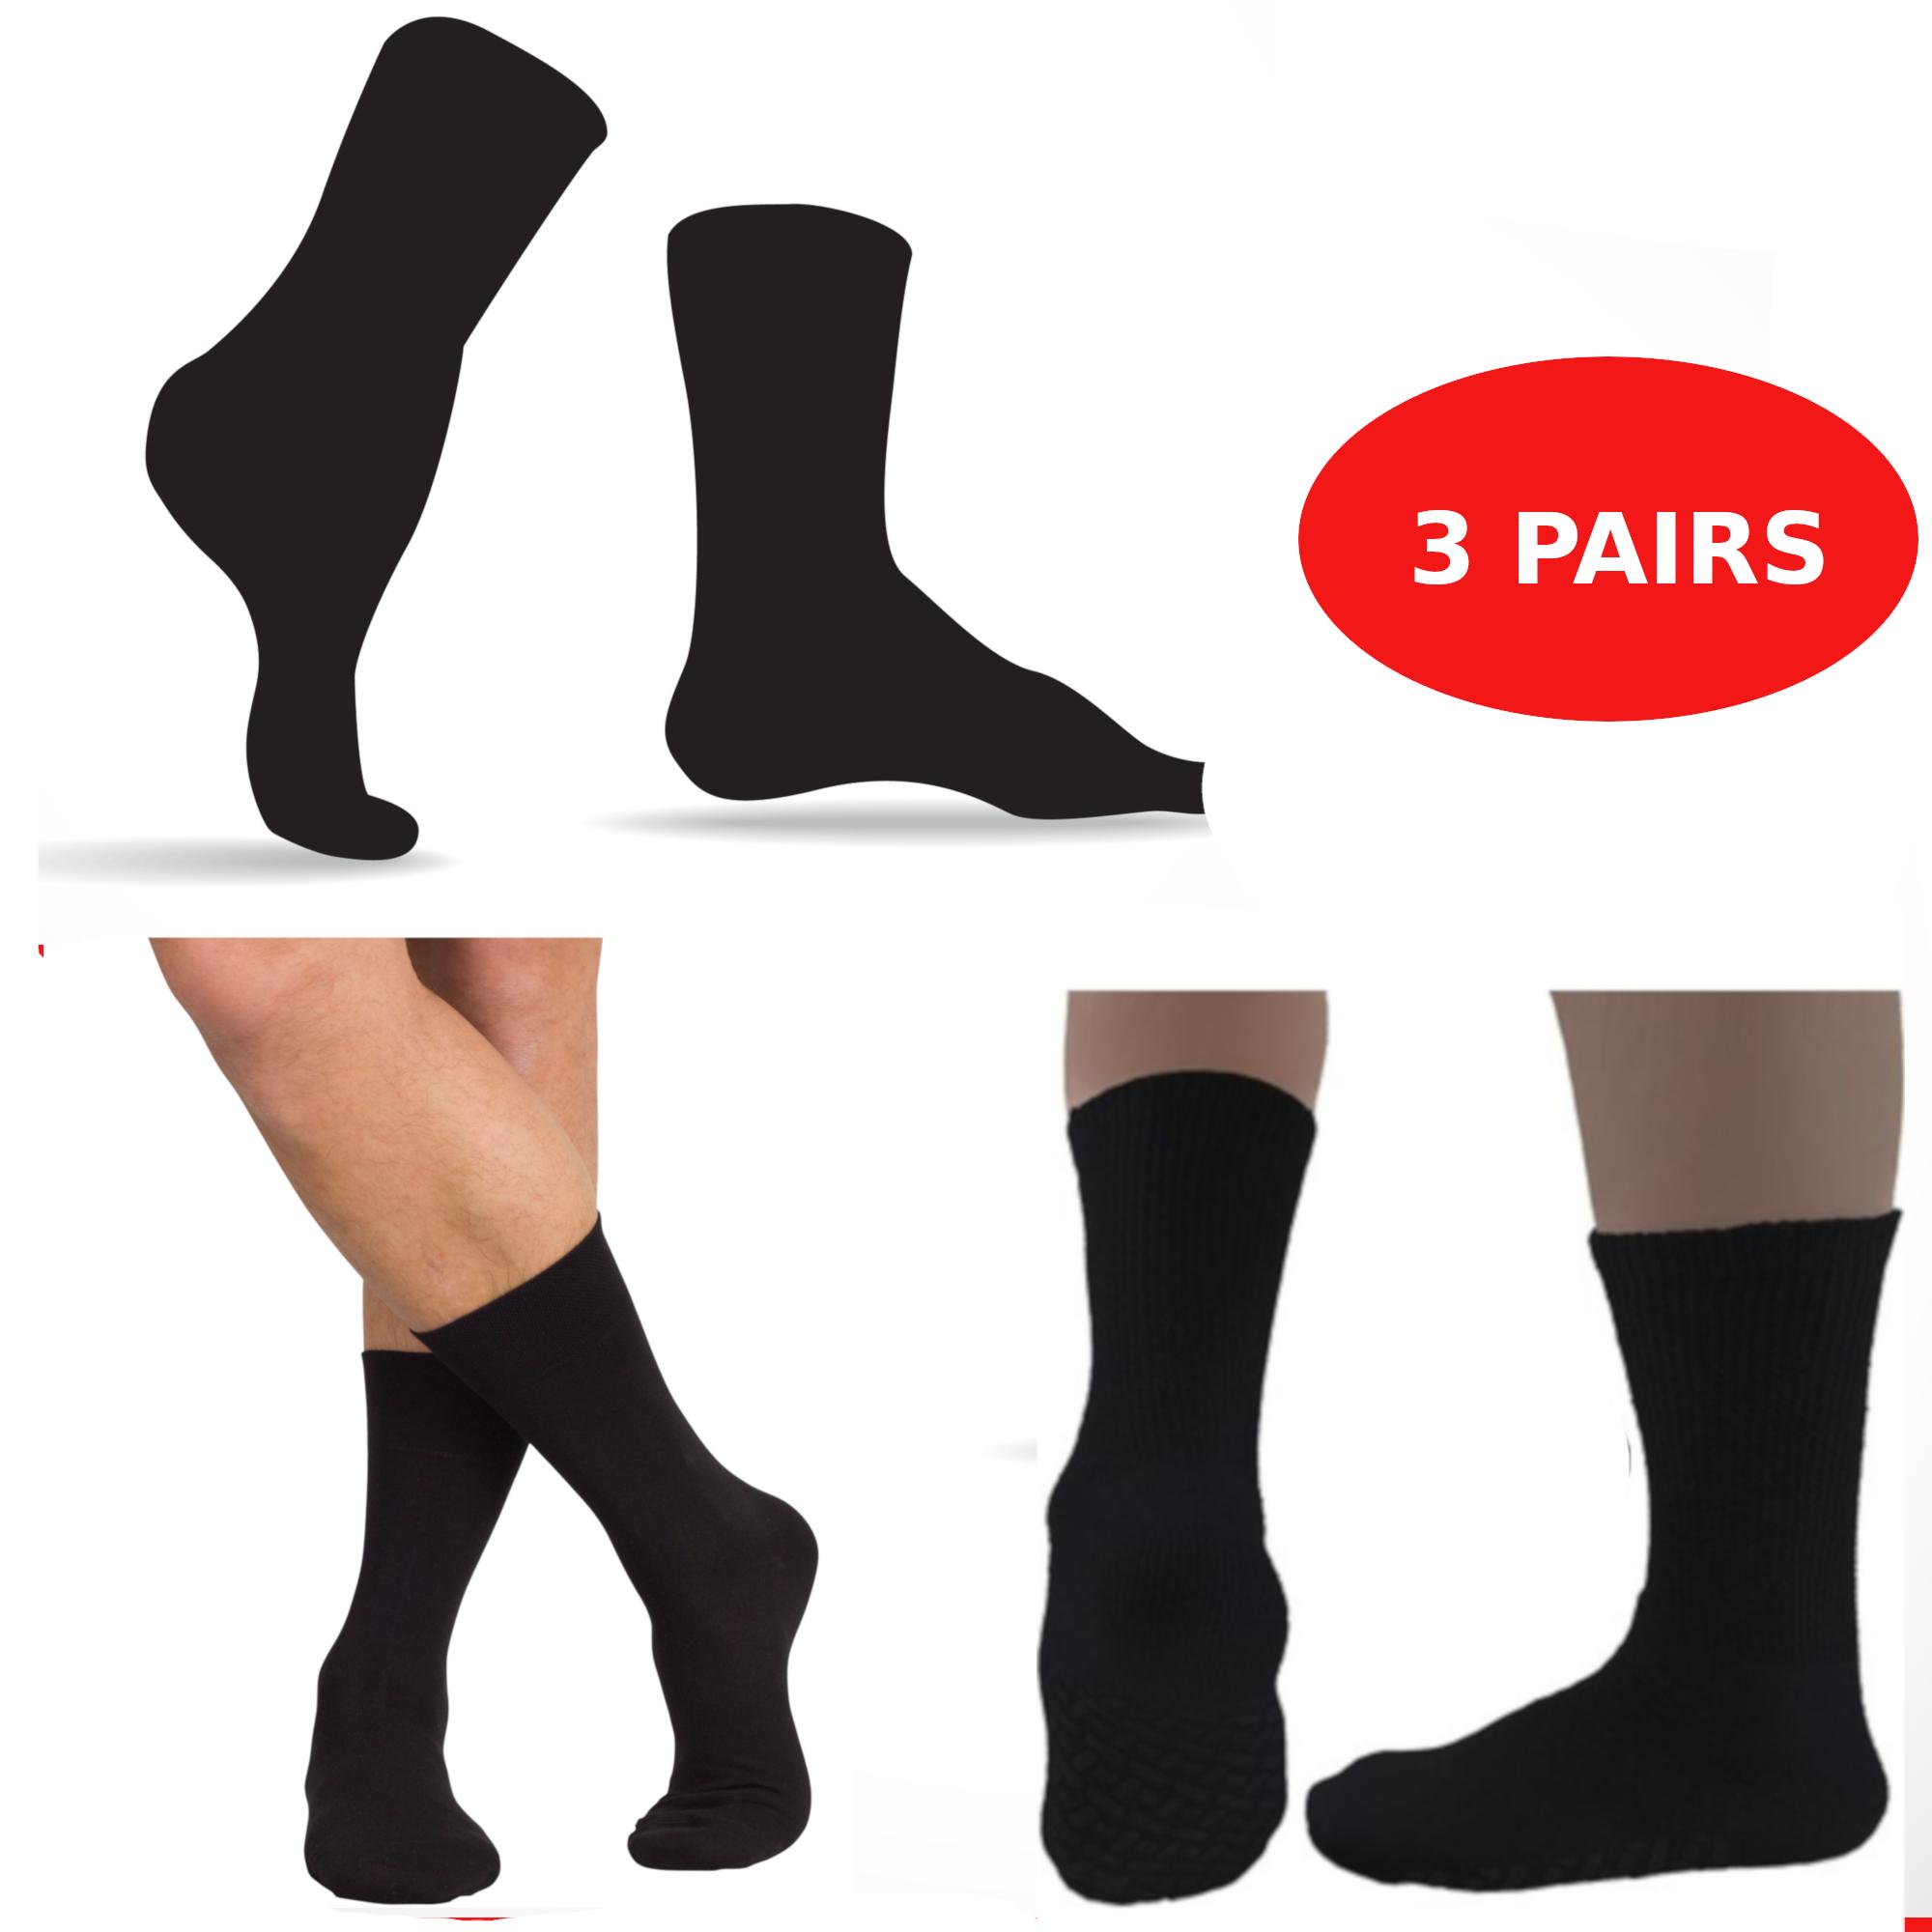 Diabetic Socks Unifit Natrural Comfort 3 x Pairs